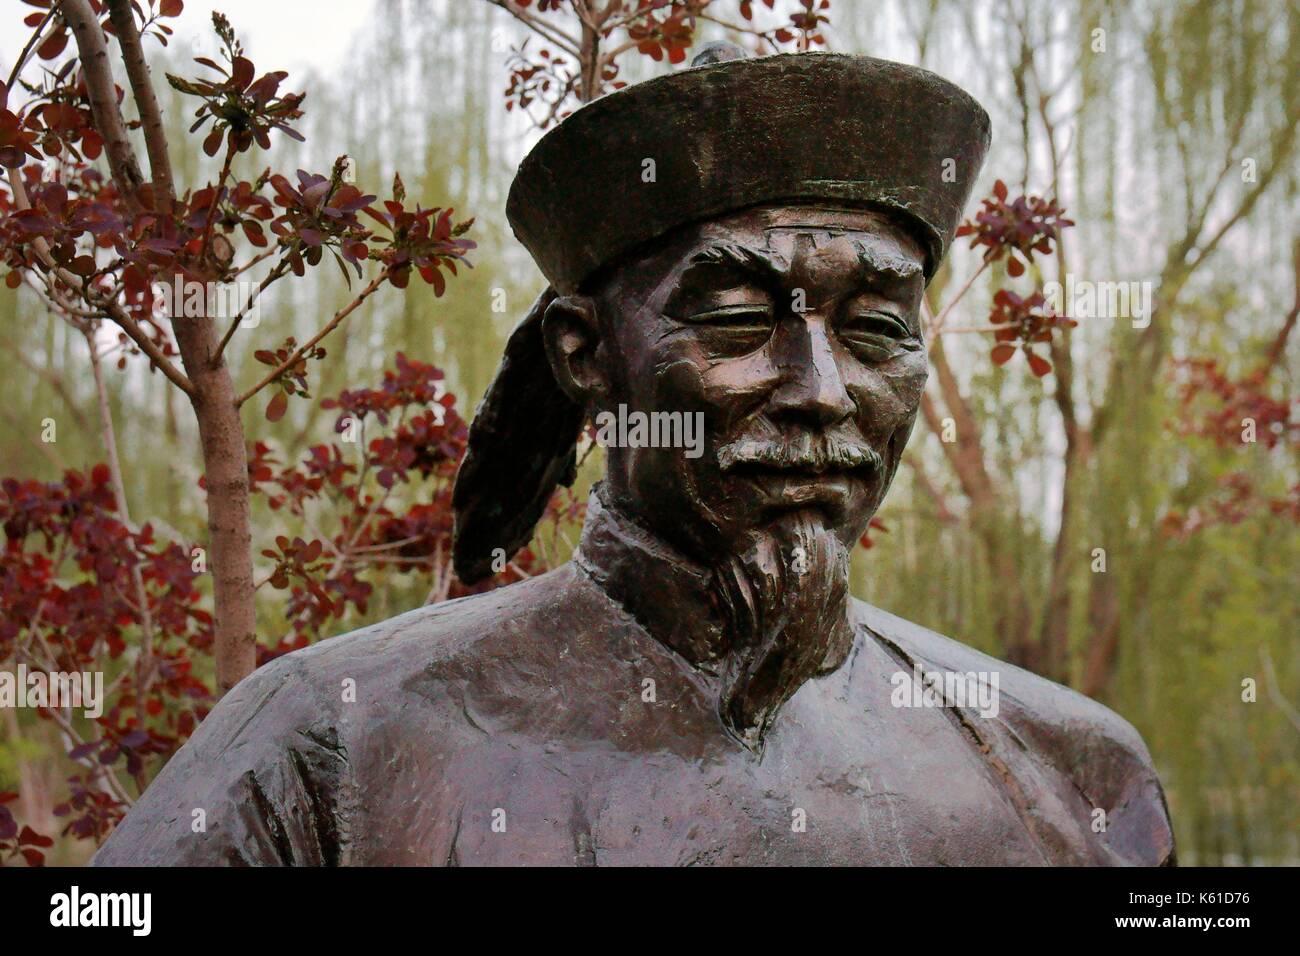 Dongzi Culture Park, a celebration of Confucian philosopher Dong Zhongshu. City of Dezhou, China. Bronze of Dong Zhongshu - Stock Image